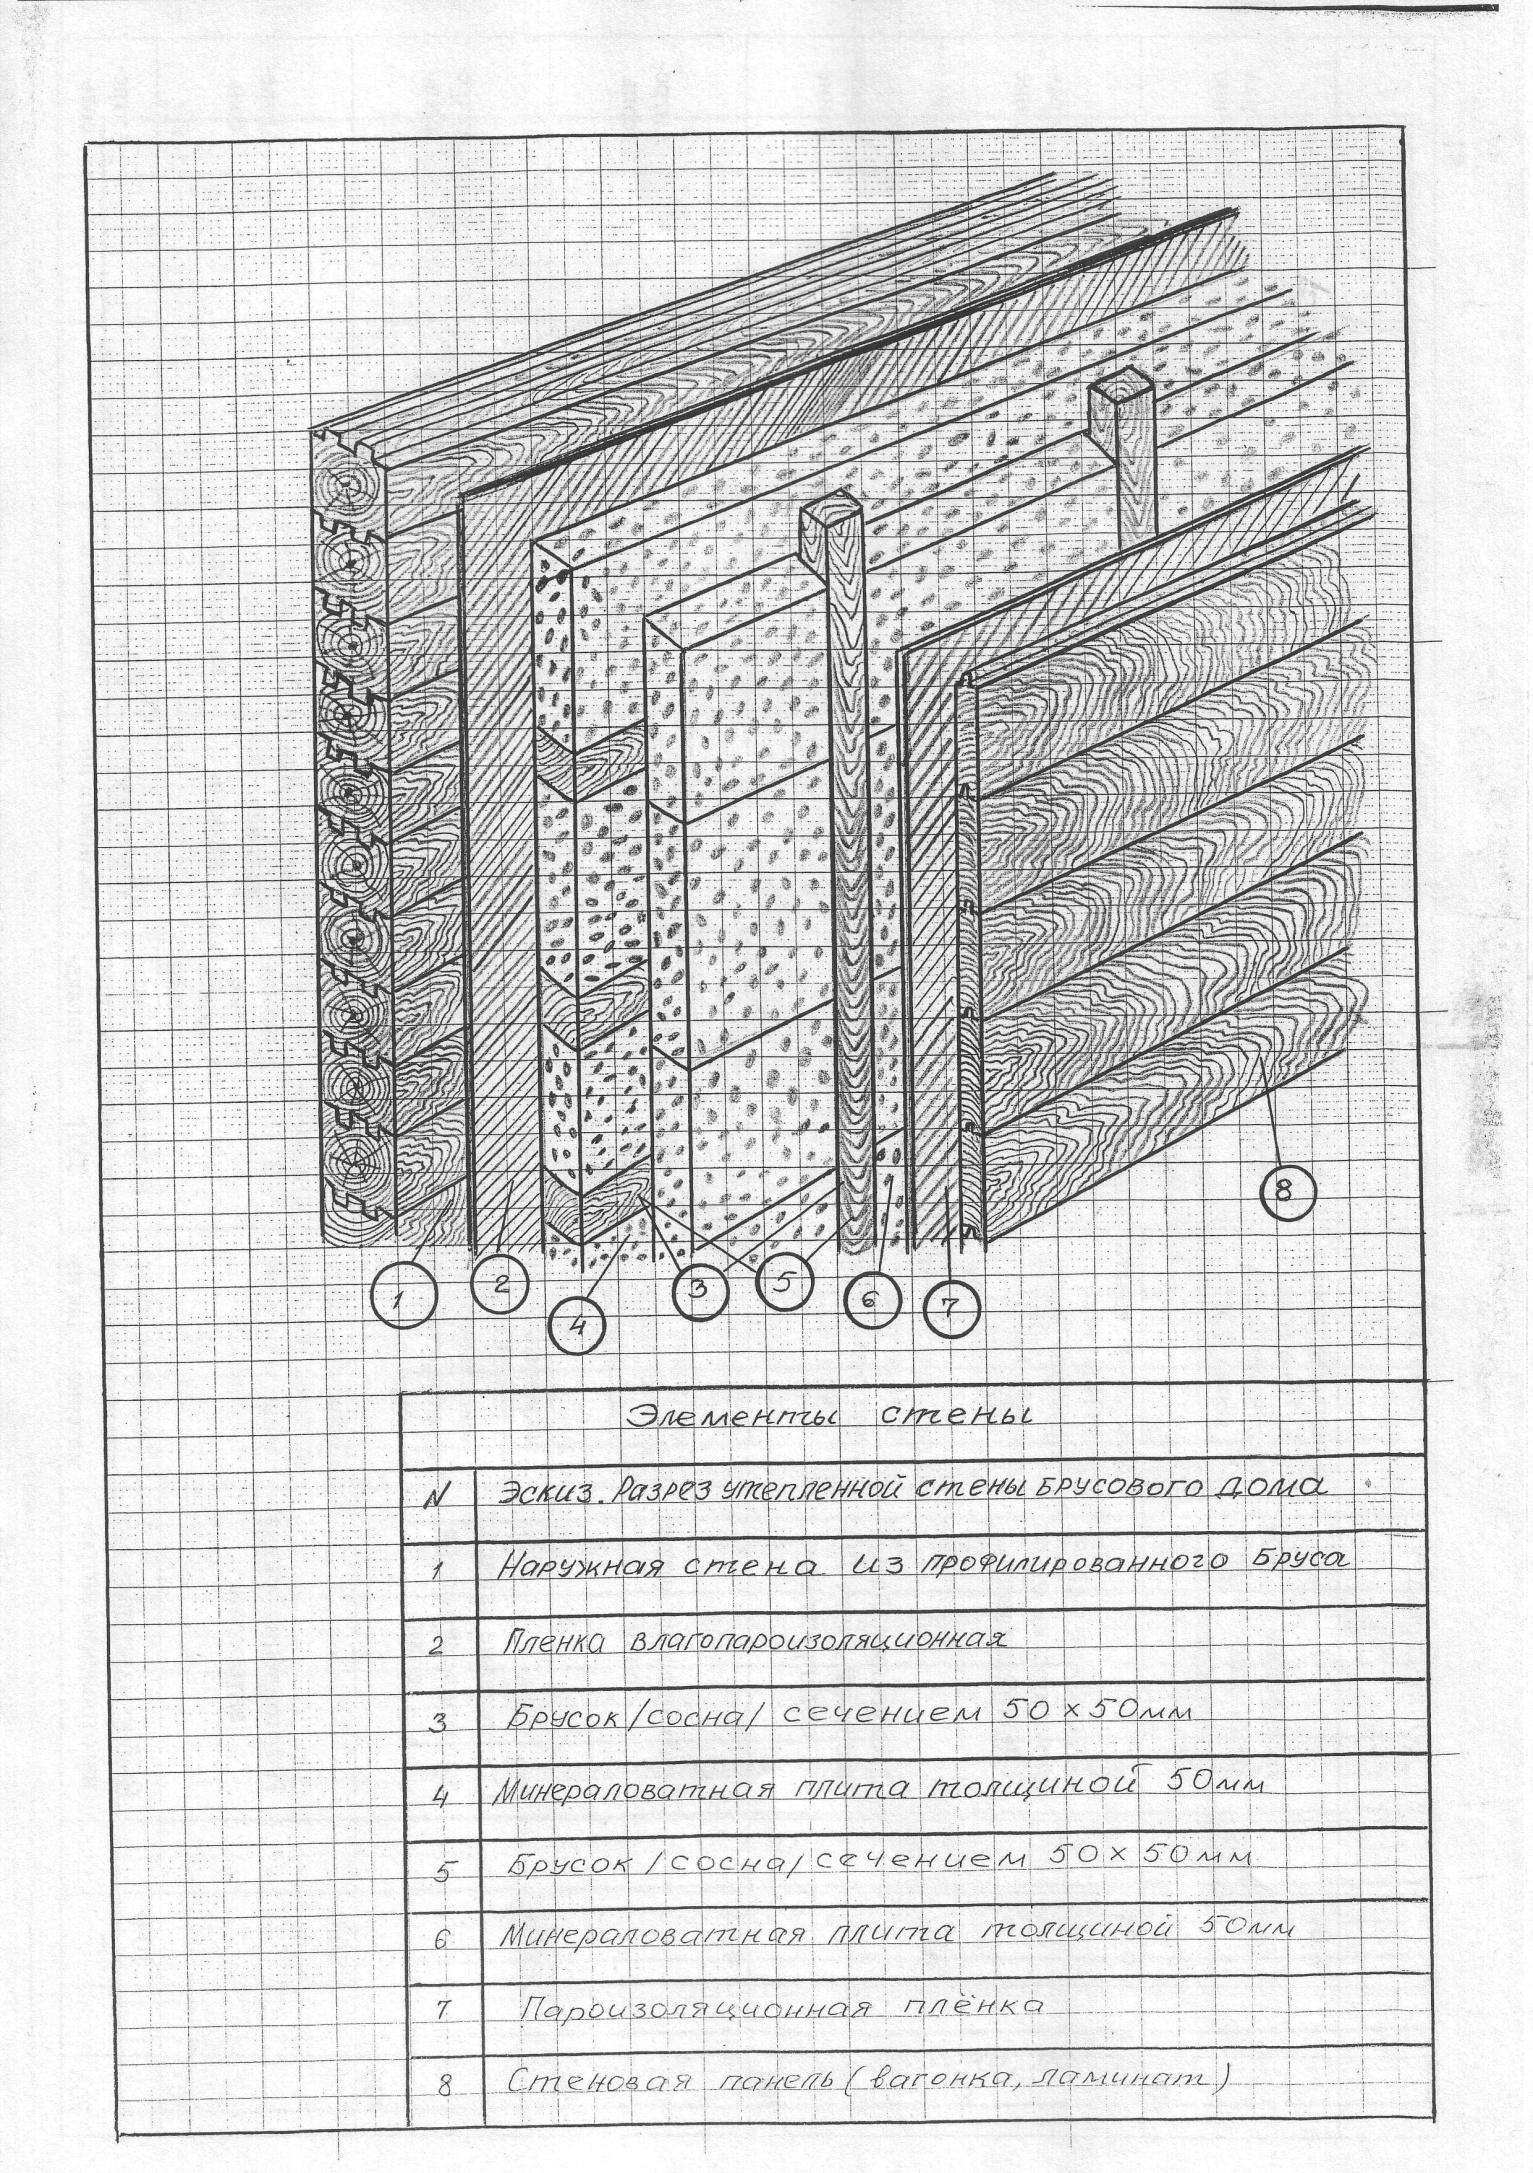 F:\изделия и эскизы\10- 12 класс\Эскизы\Image0019.JPG